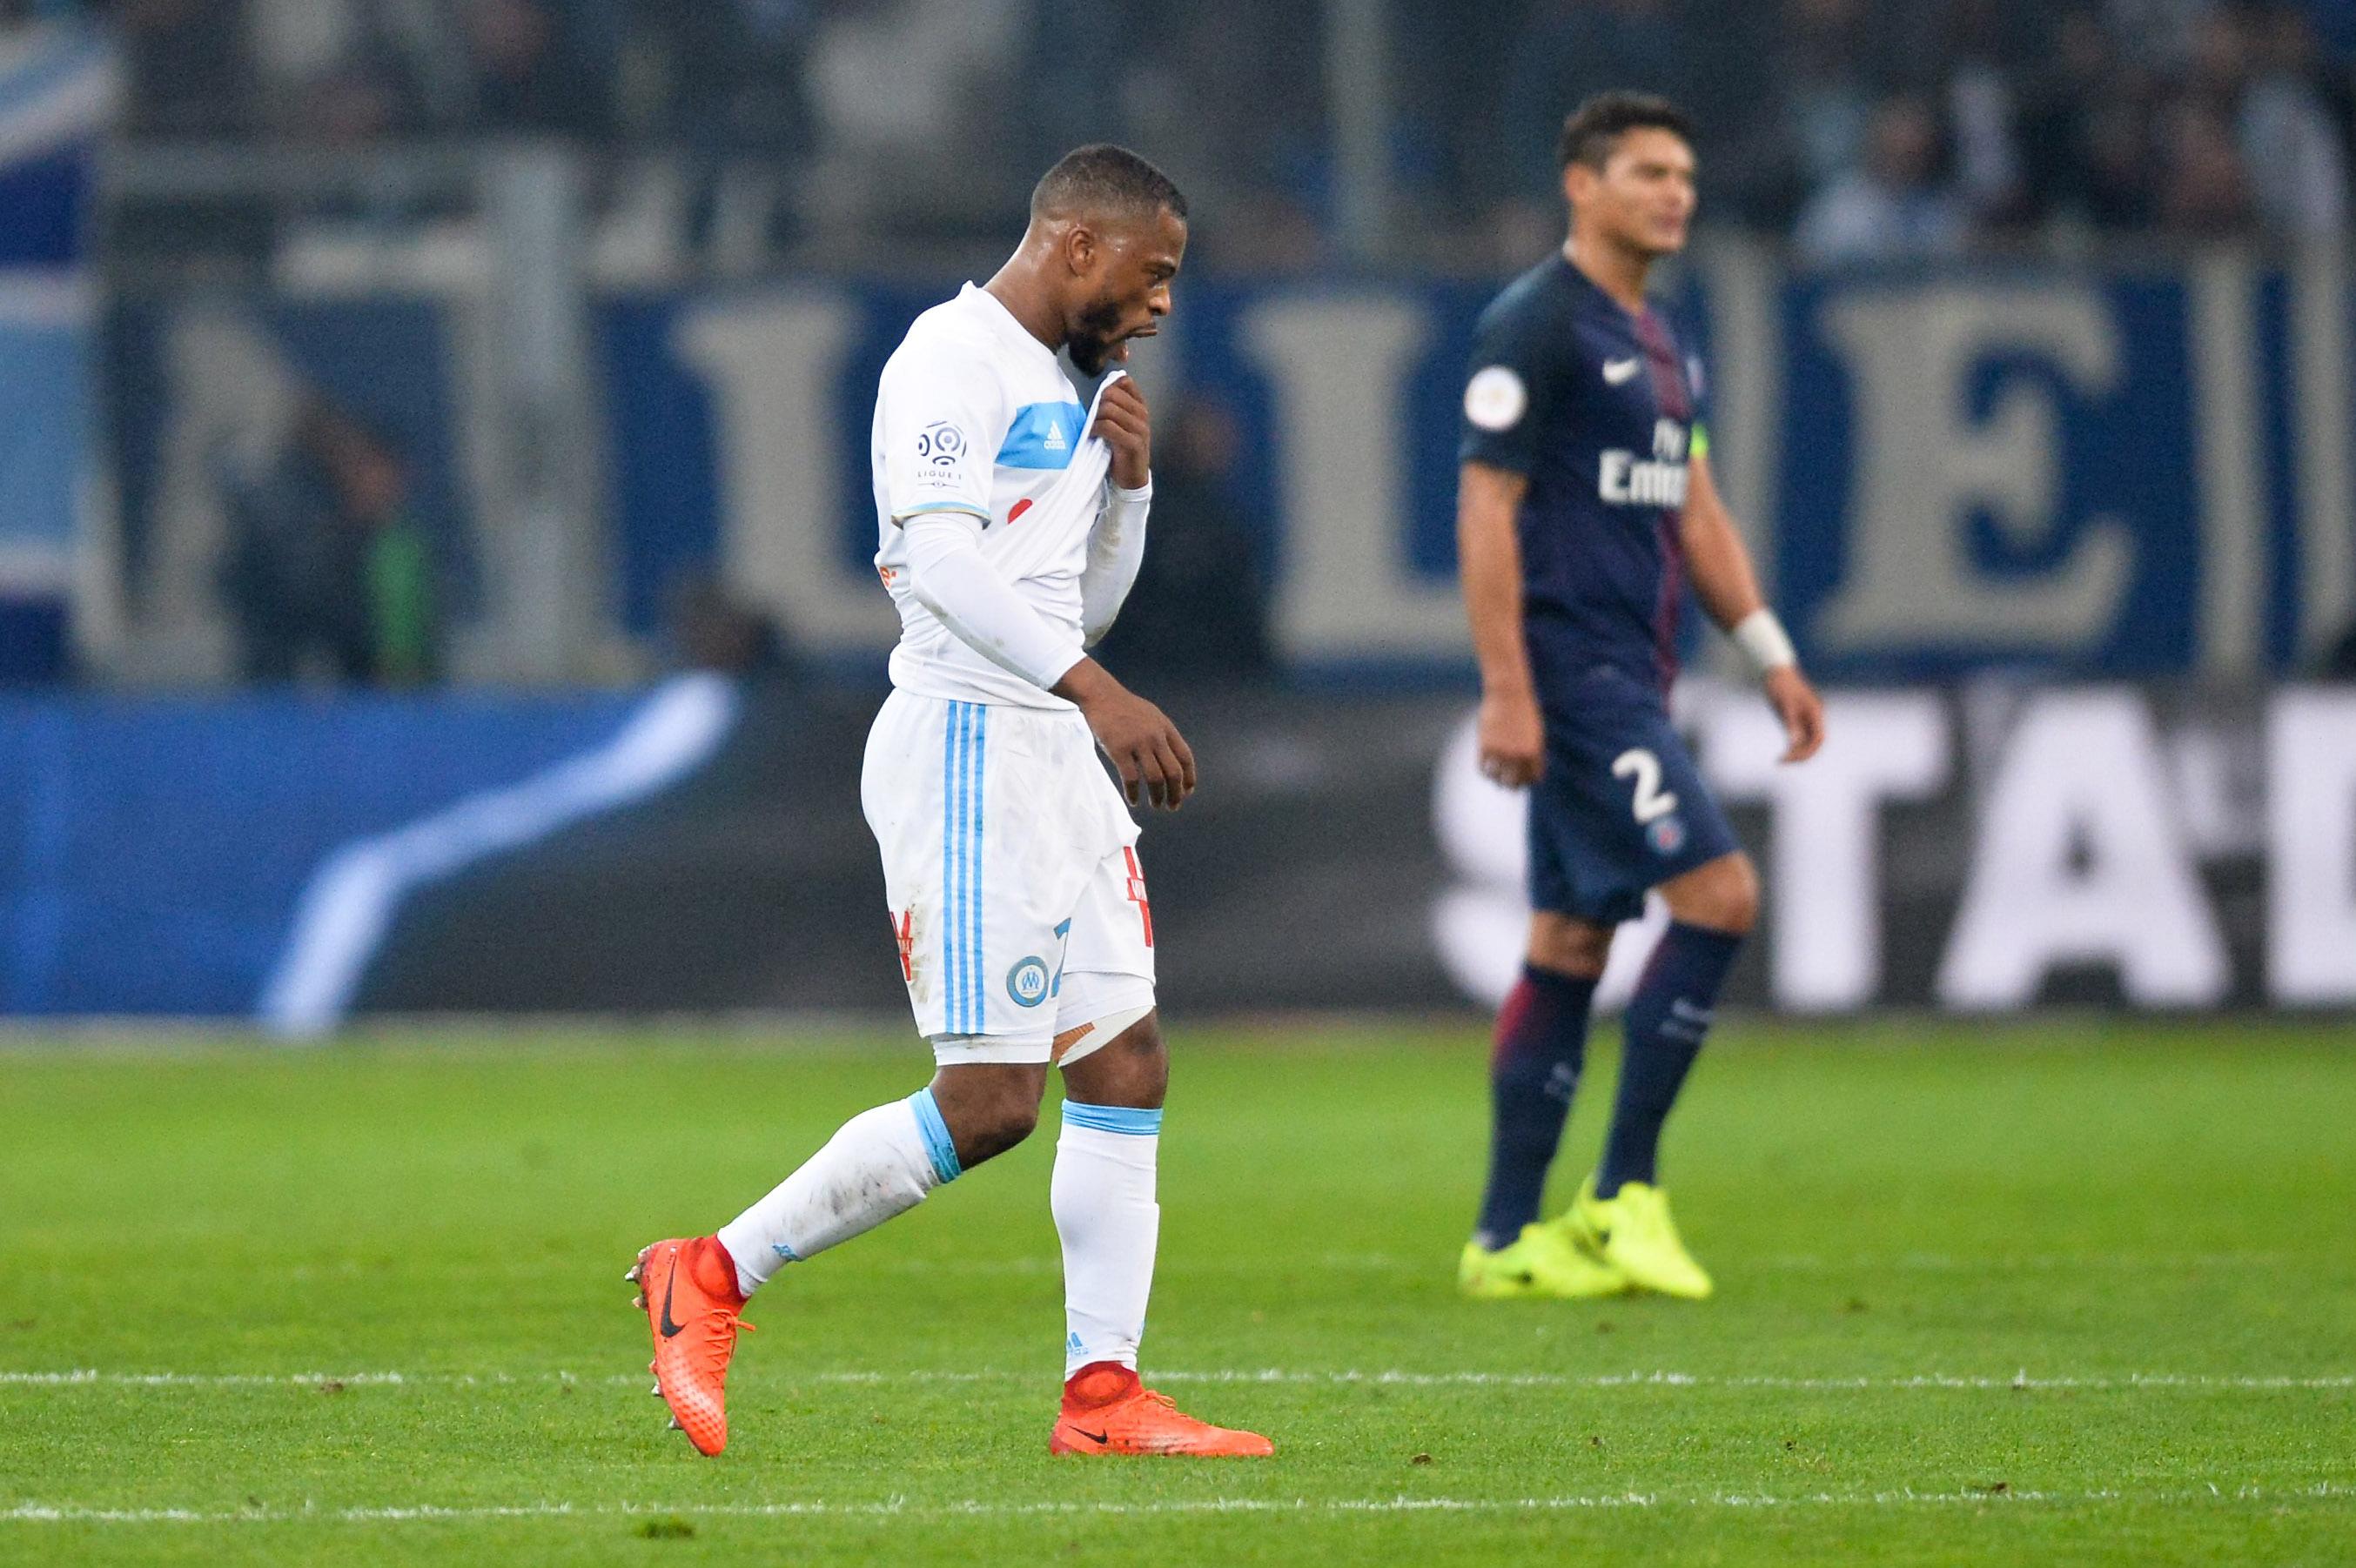 Football - Ligue 1 - OM-PSG, les notes des Marseillais : Payet a essayé, Evra était dépassé